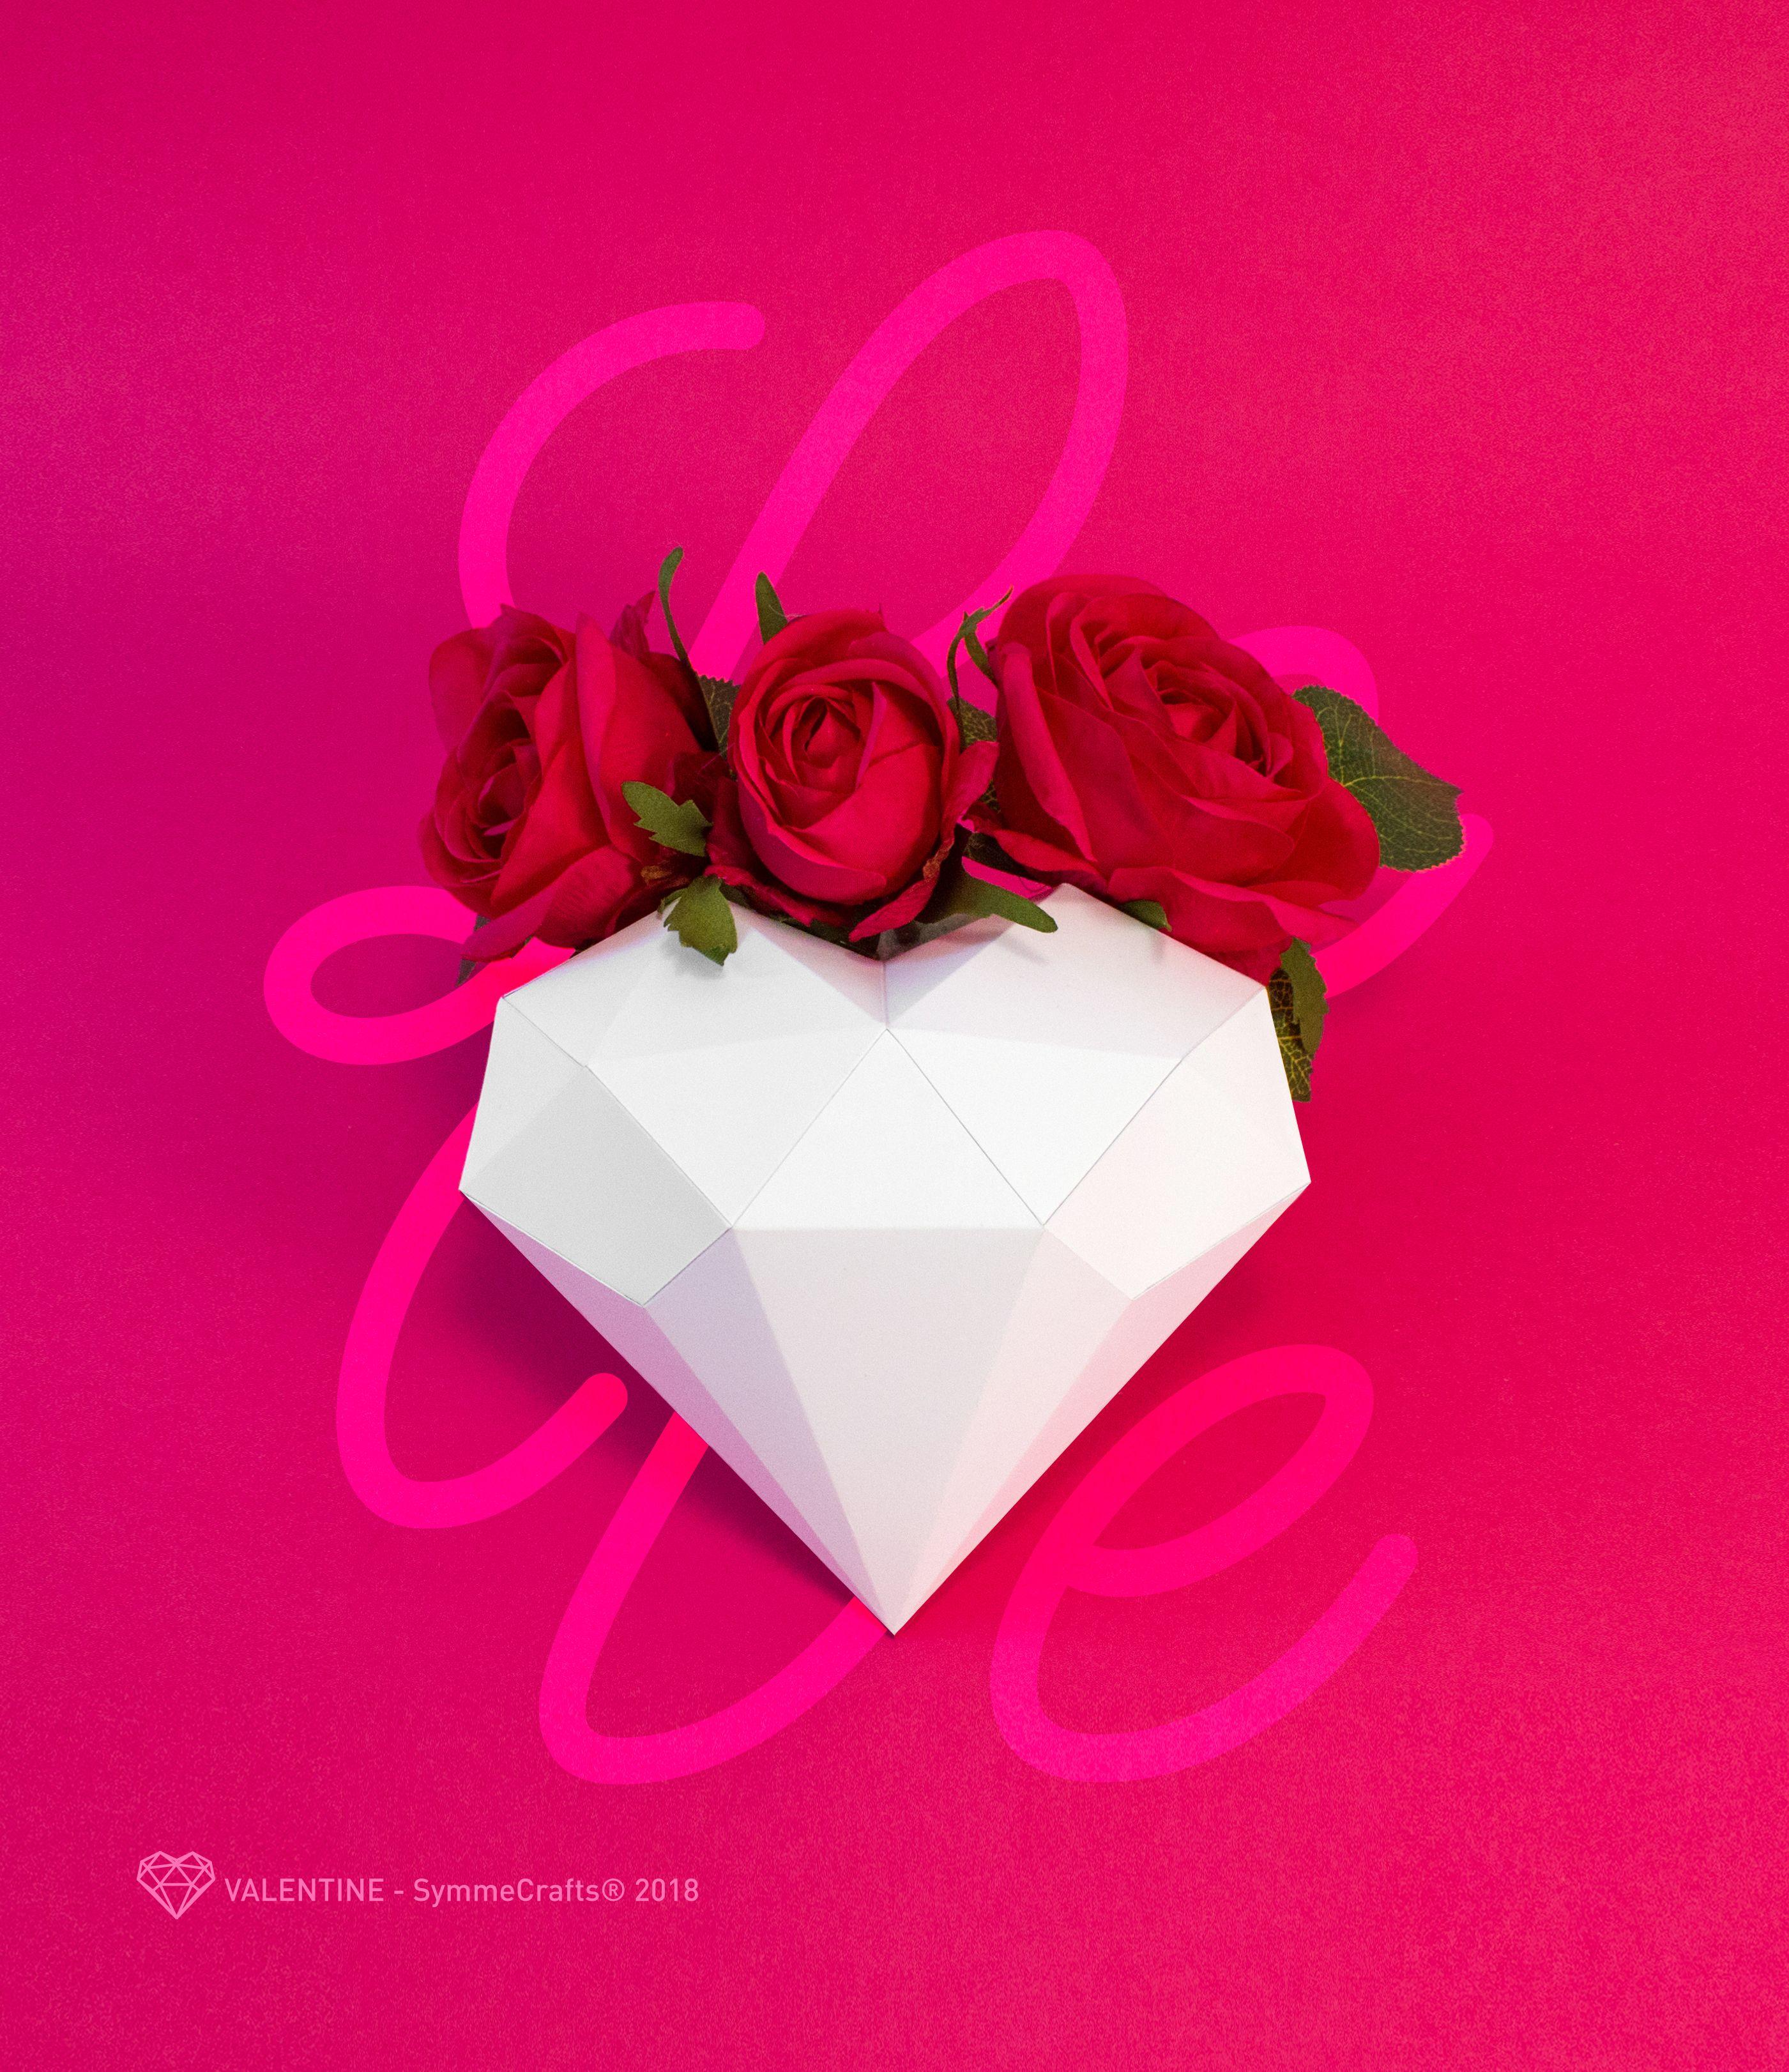 Construye esta escultura de papel simplemente cortando doblando y enamora con un papercraft e impresiona con un regalo realizado con tus propias manos valentine est hecho con creatividad y originalidad para jeuxipadfo Images